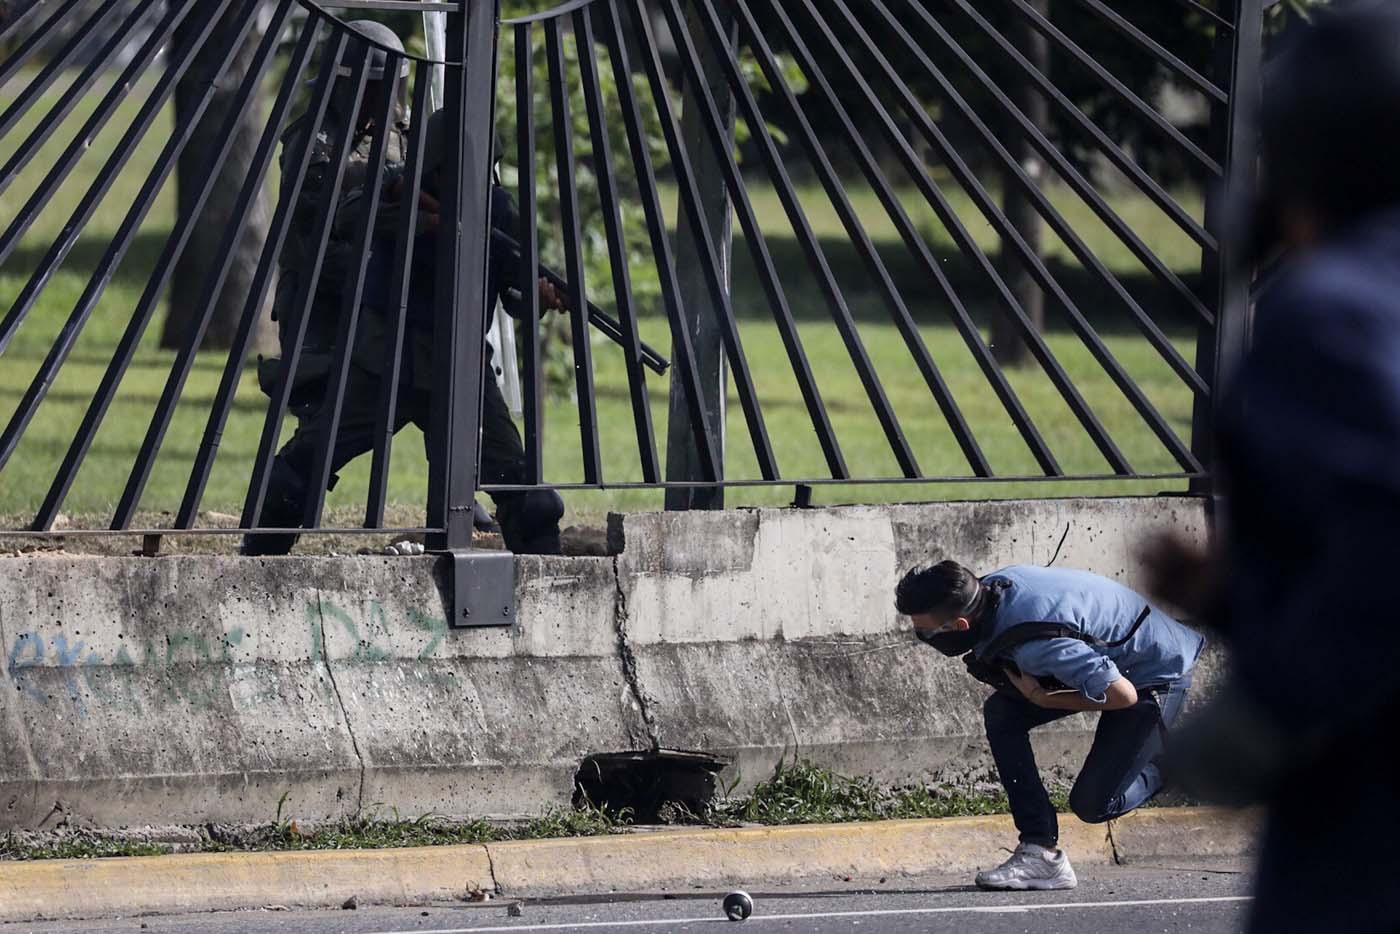 VEN02. CARACAS (VENEZUELA), 22/06/2017.- El joven David José Vallenilla (d), de 22 años, recibe un disparo de un miembro de la Guardia Nacional Bolivariana (GNB) hoy, jueves 22 de junio de 2017, en las inmediaciones de la bases aérea militar La Carlota, en Caracas (Venezuela). El Ministerio Público (MP) de Venezuela informó hoy del fallecimiento de Vallenilla, que recibió un disparo durante una manifestación opositora en Caracas. Con este deceso la Fiscalía cuenta 75 fallecidos según los datos corregidos y actualizados del organismo en sus informes sobre la oleada de protestas que inició el pasado 1 de abril en el país. EFE/Miguel Gutiérrez